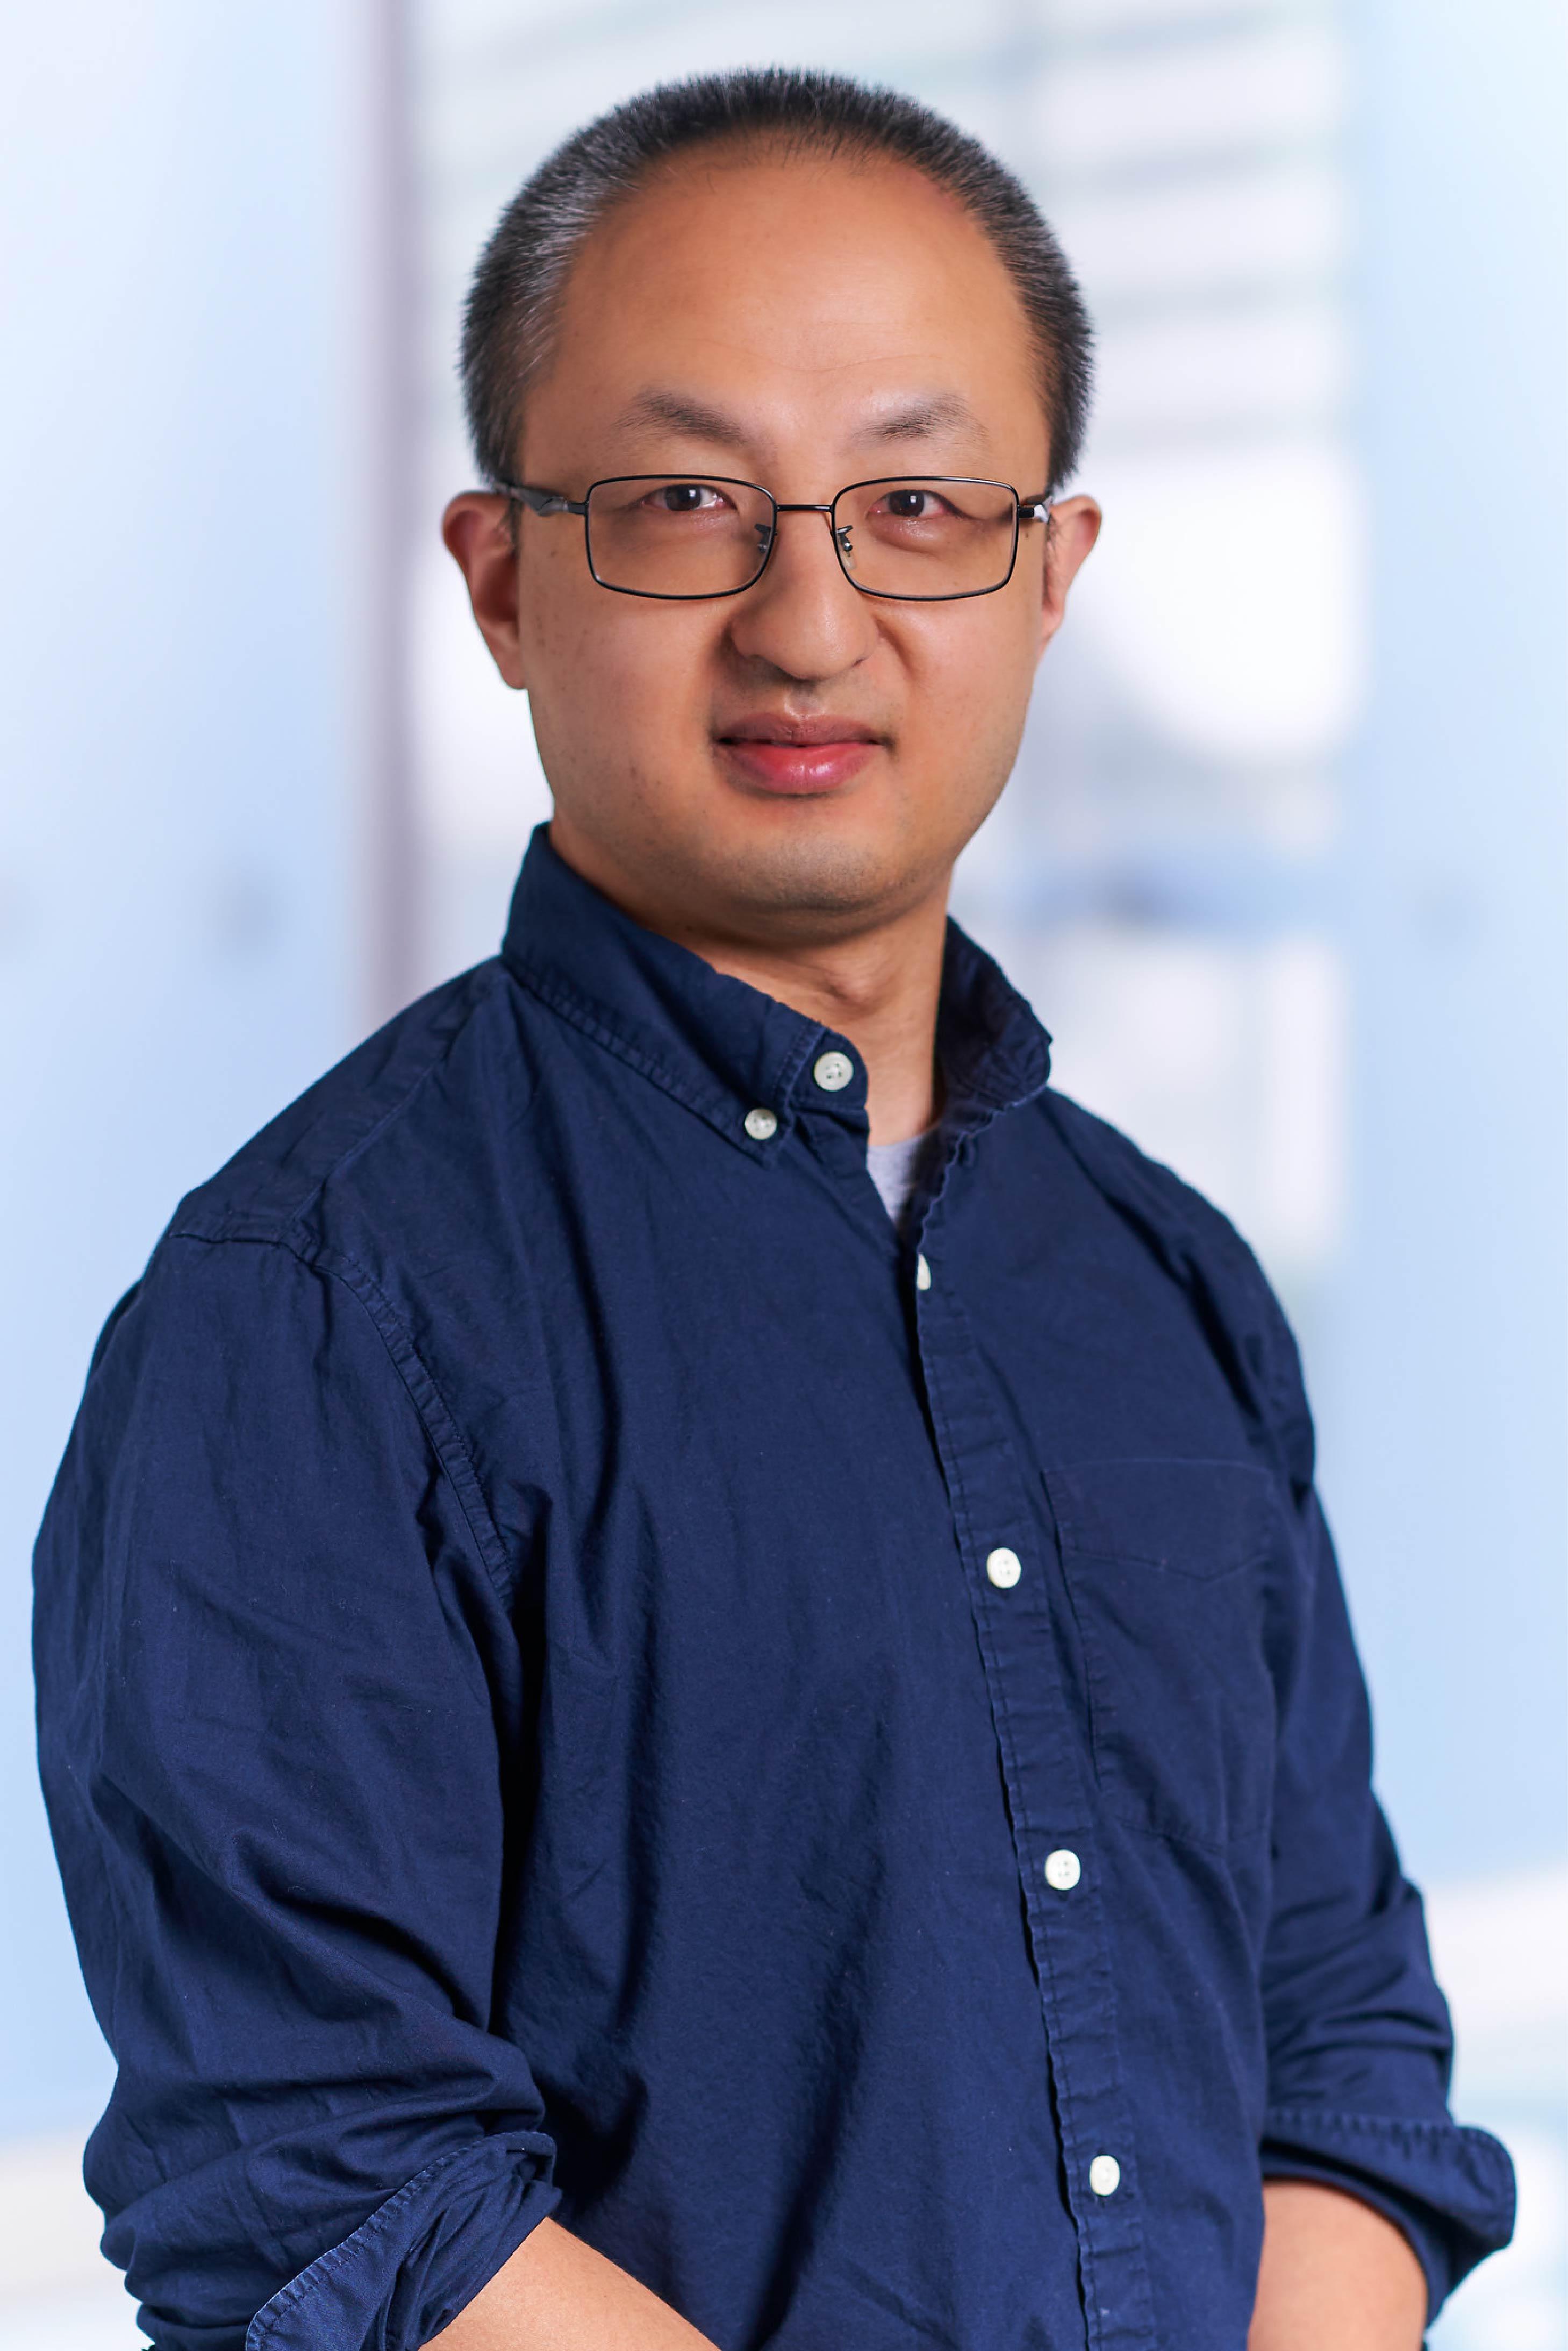 Luchang Zhu